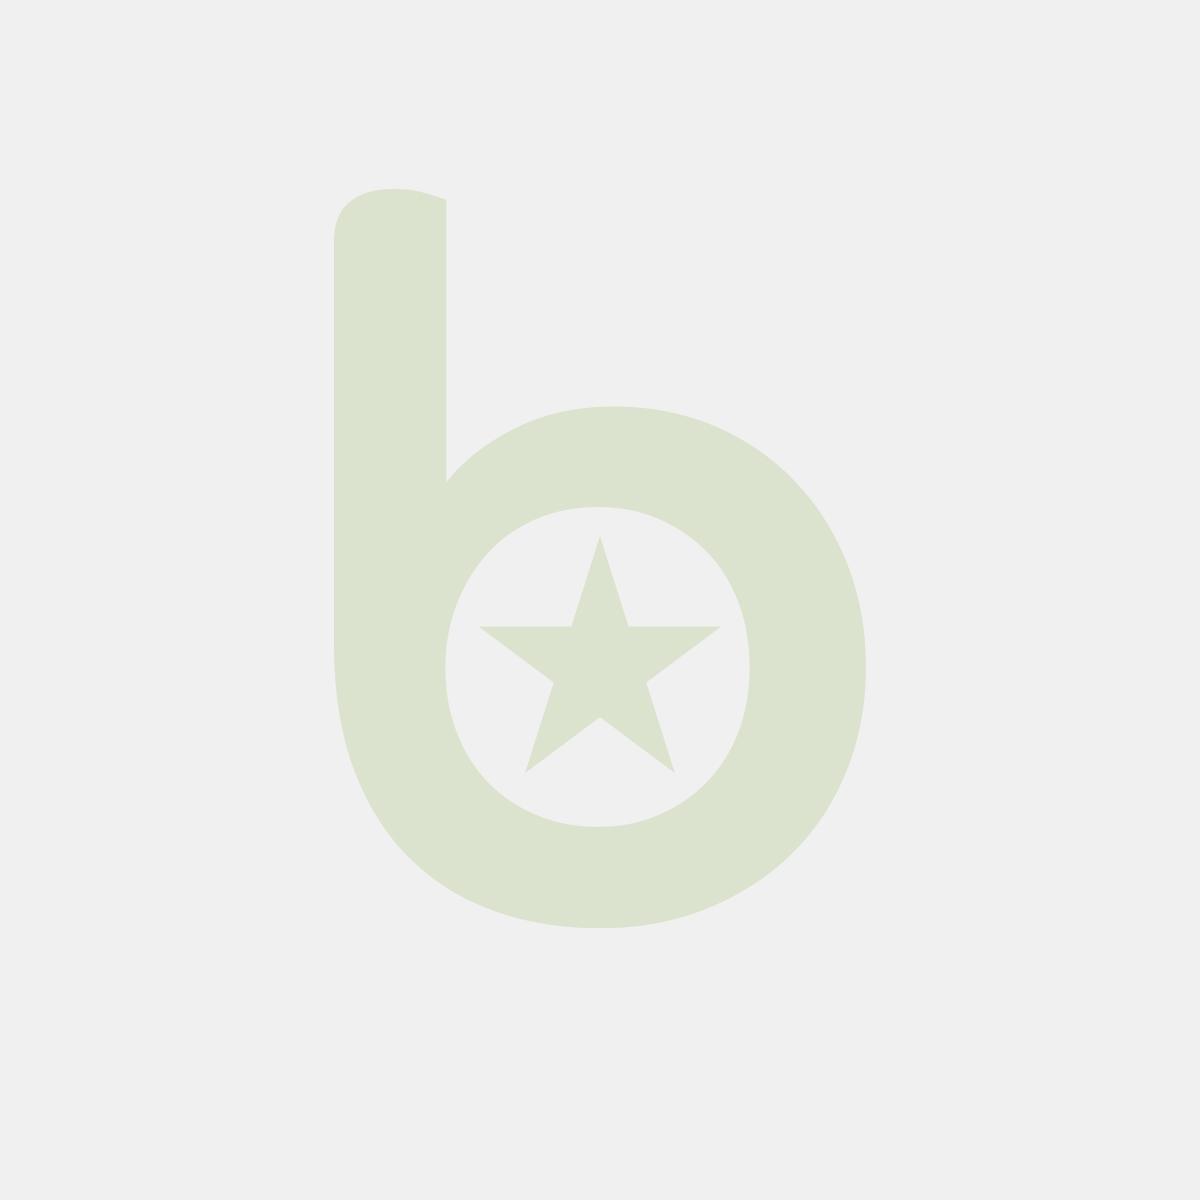 Ociekacz z Tritanu BPA FREE odpowiedni do pojemnika GN 1/2 kod 869925